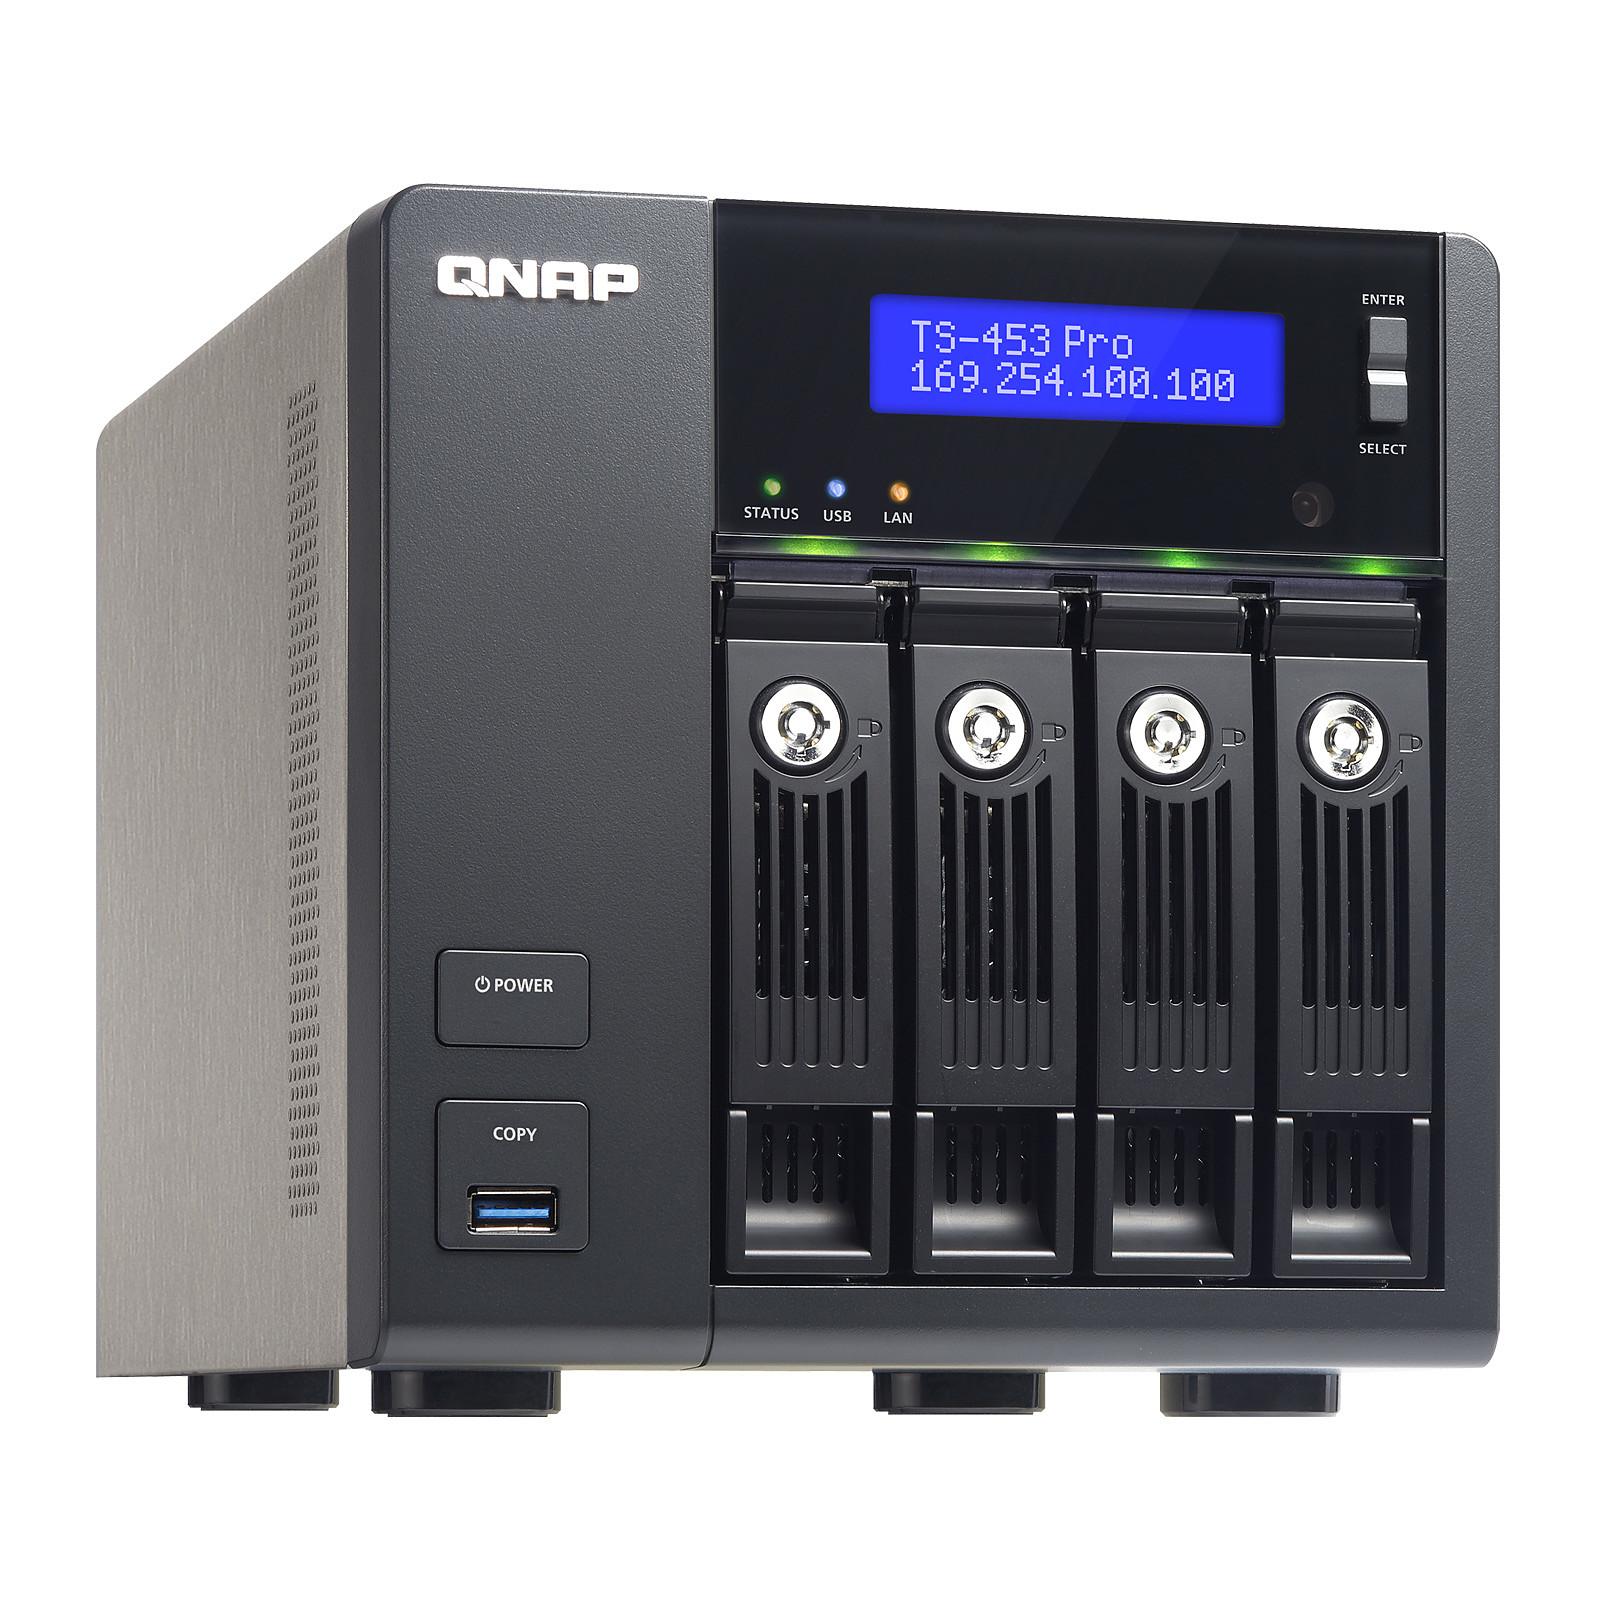 QNAP TS-453 Pro-8G